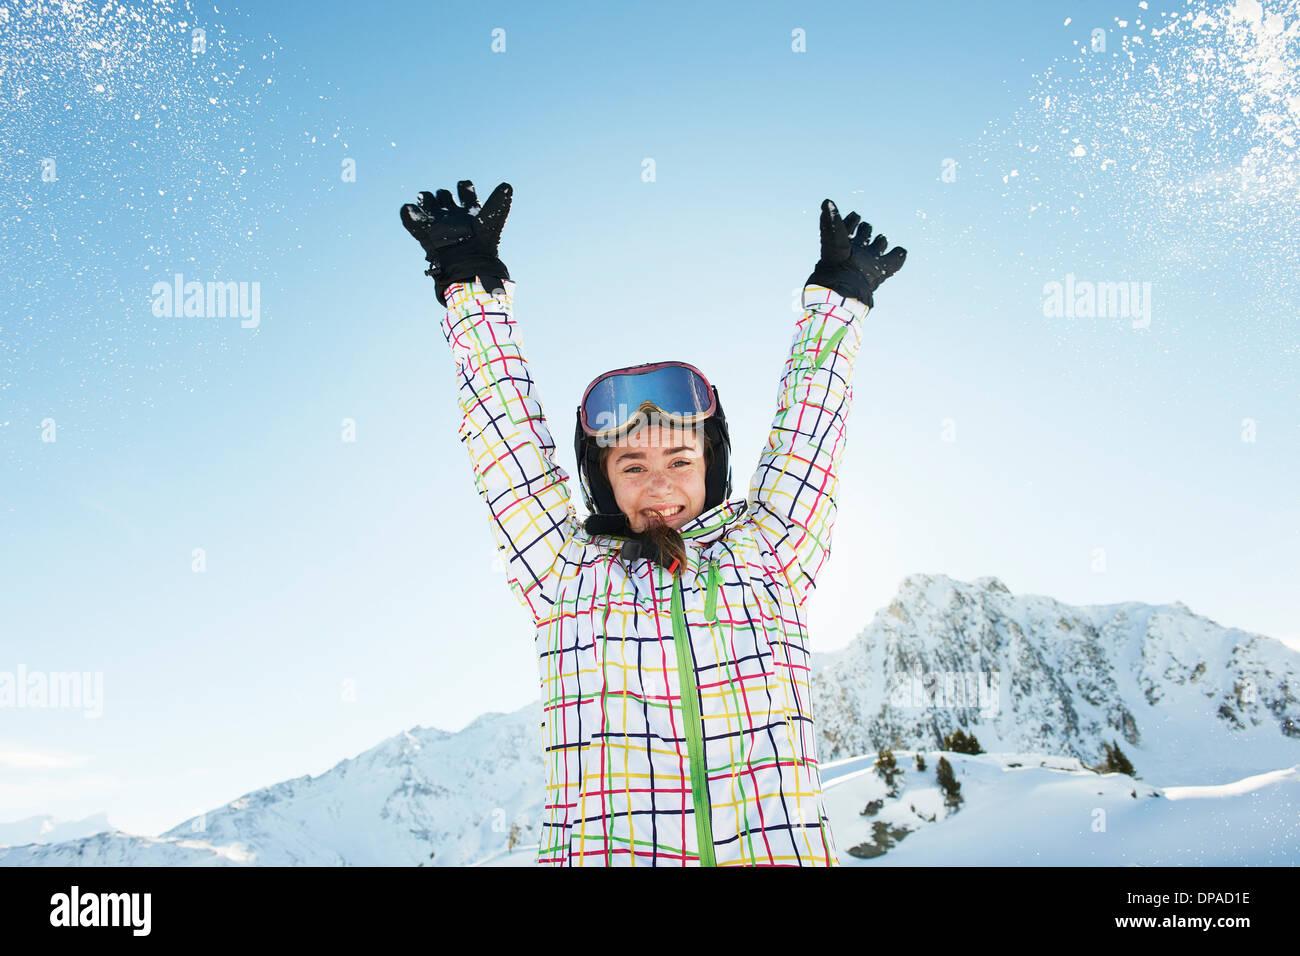 Ritratto di ragazza adolescente sciatore con bracci sollevati, Les Arcs, Alta Savoia, Francia Immagini Stock